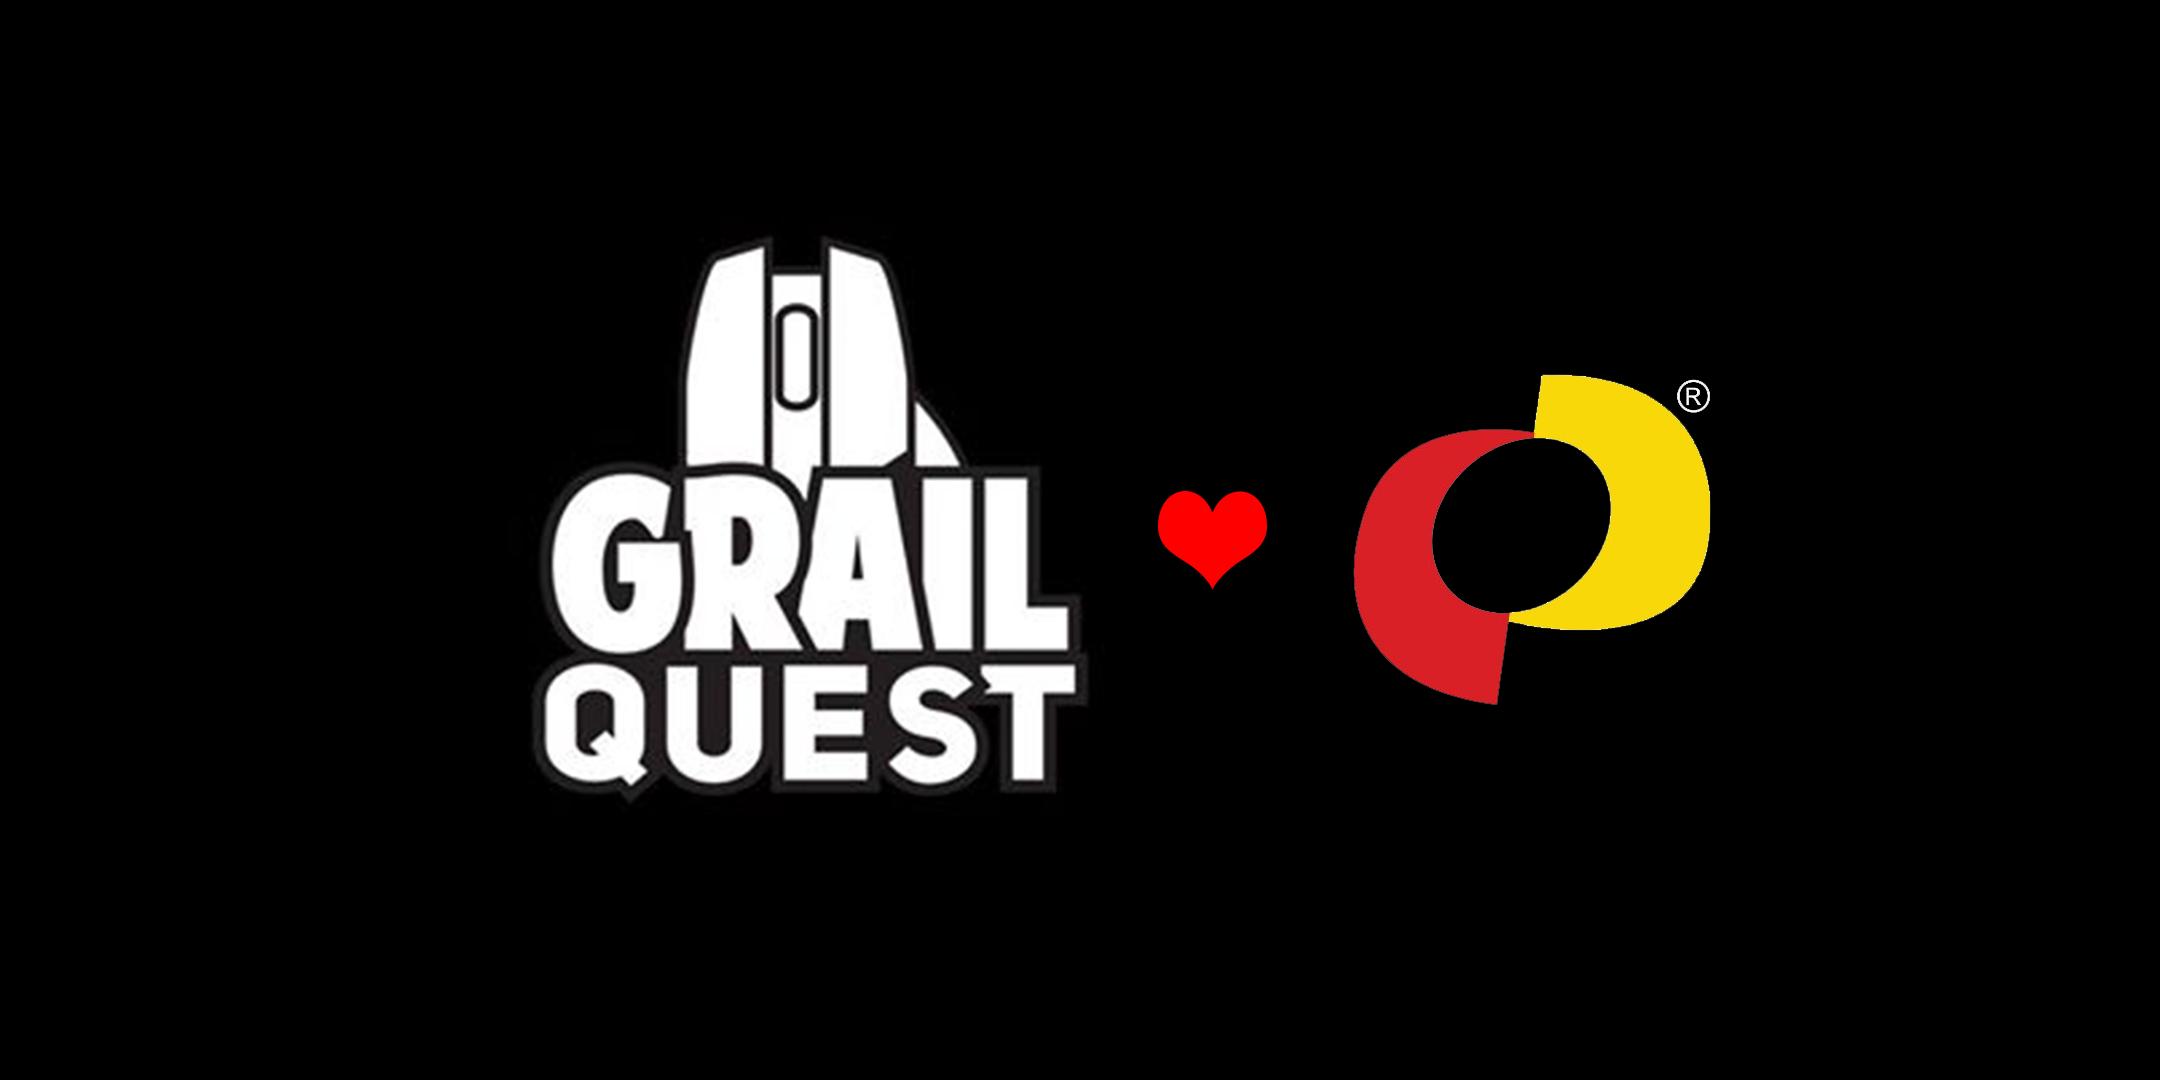 grail quest.png